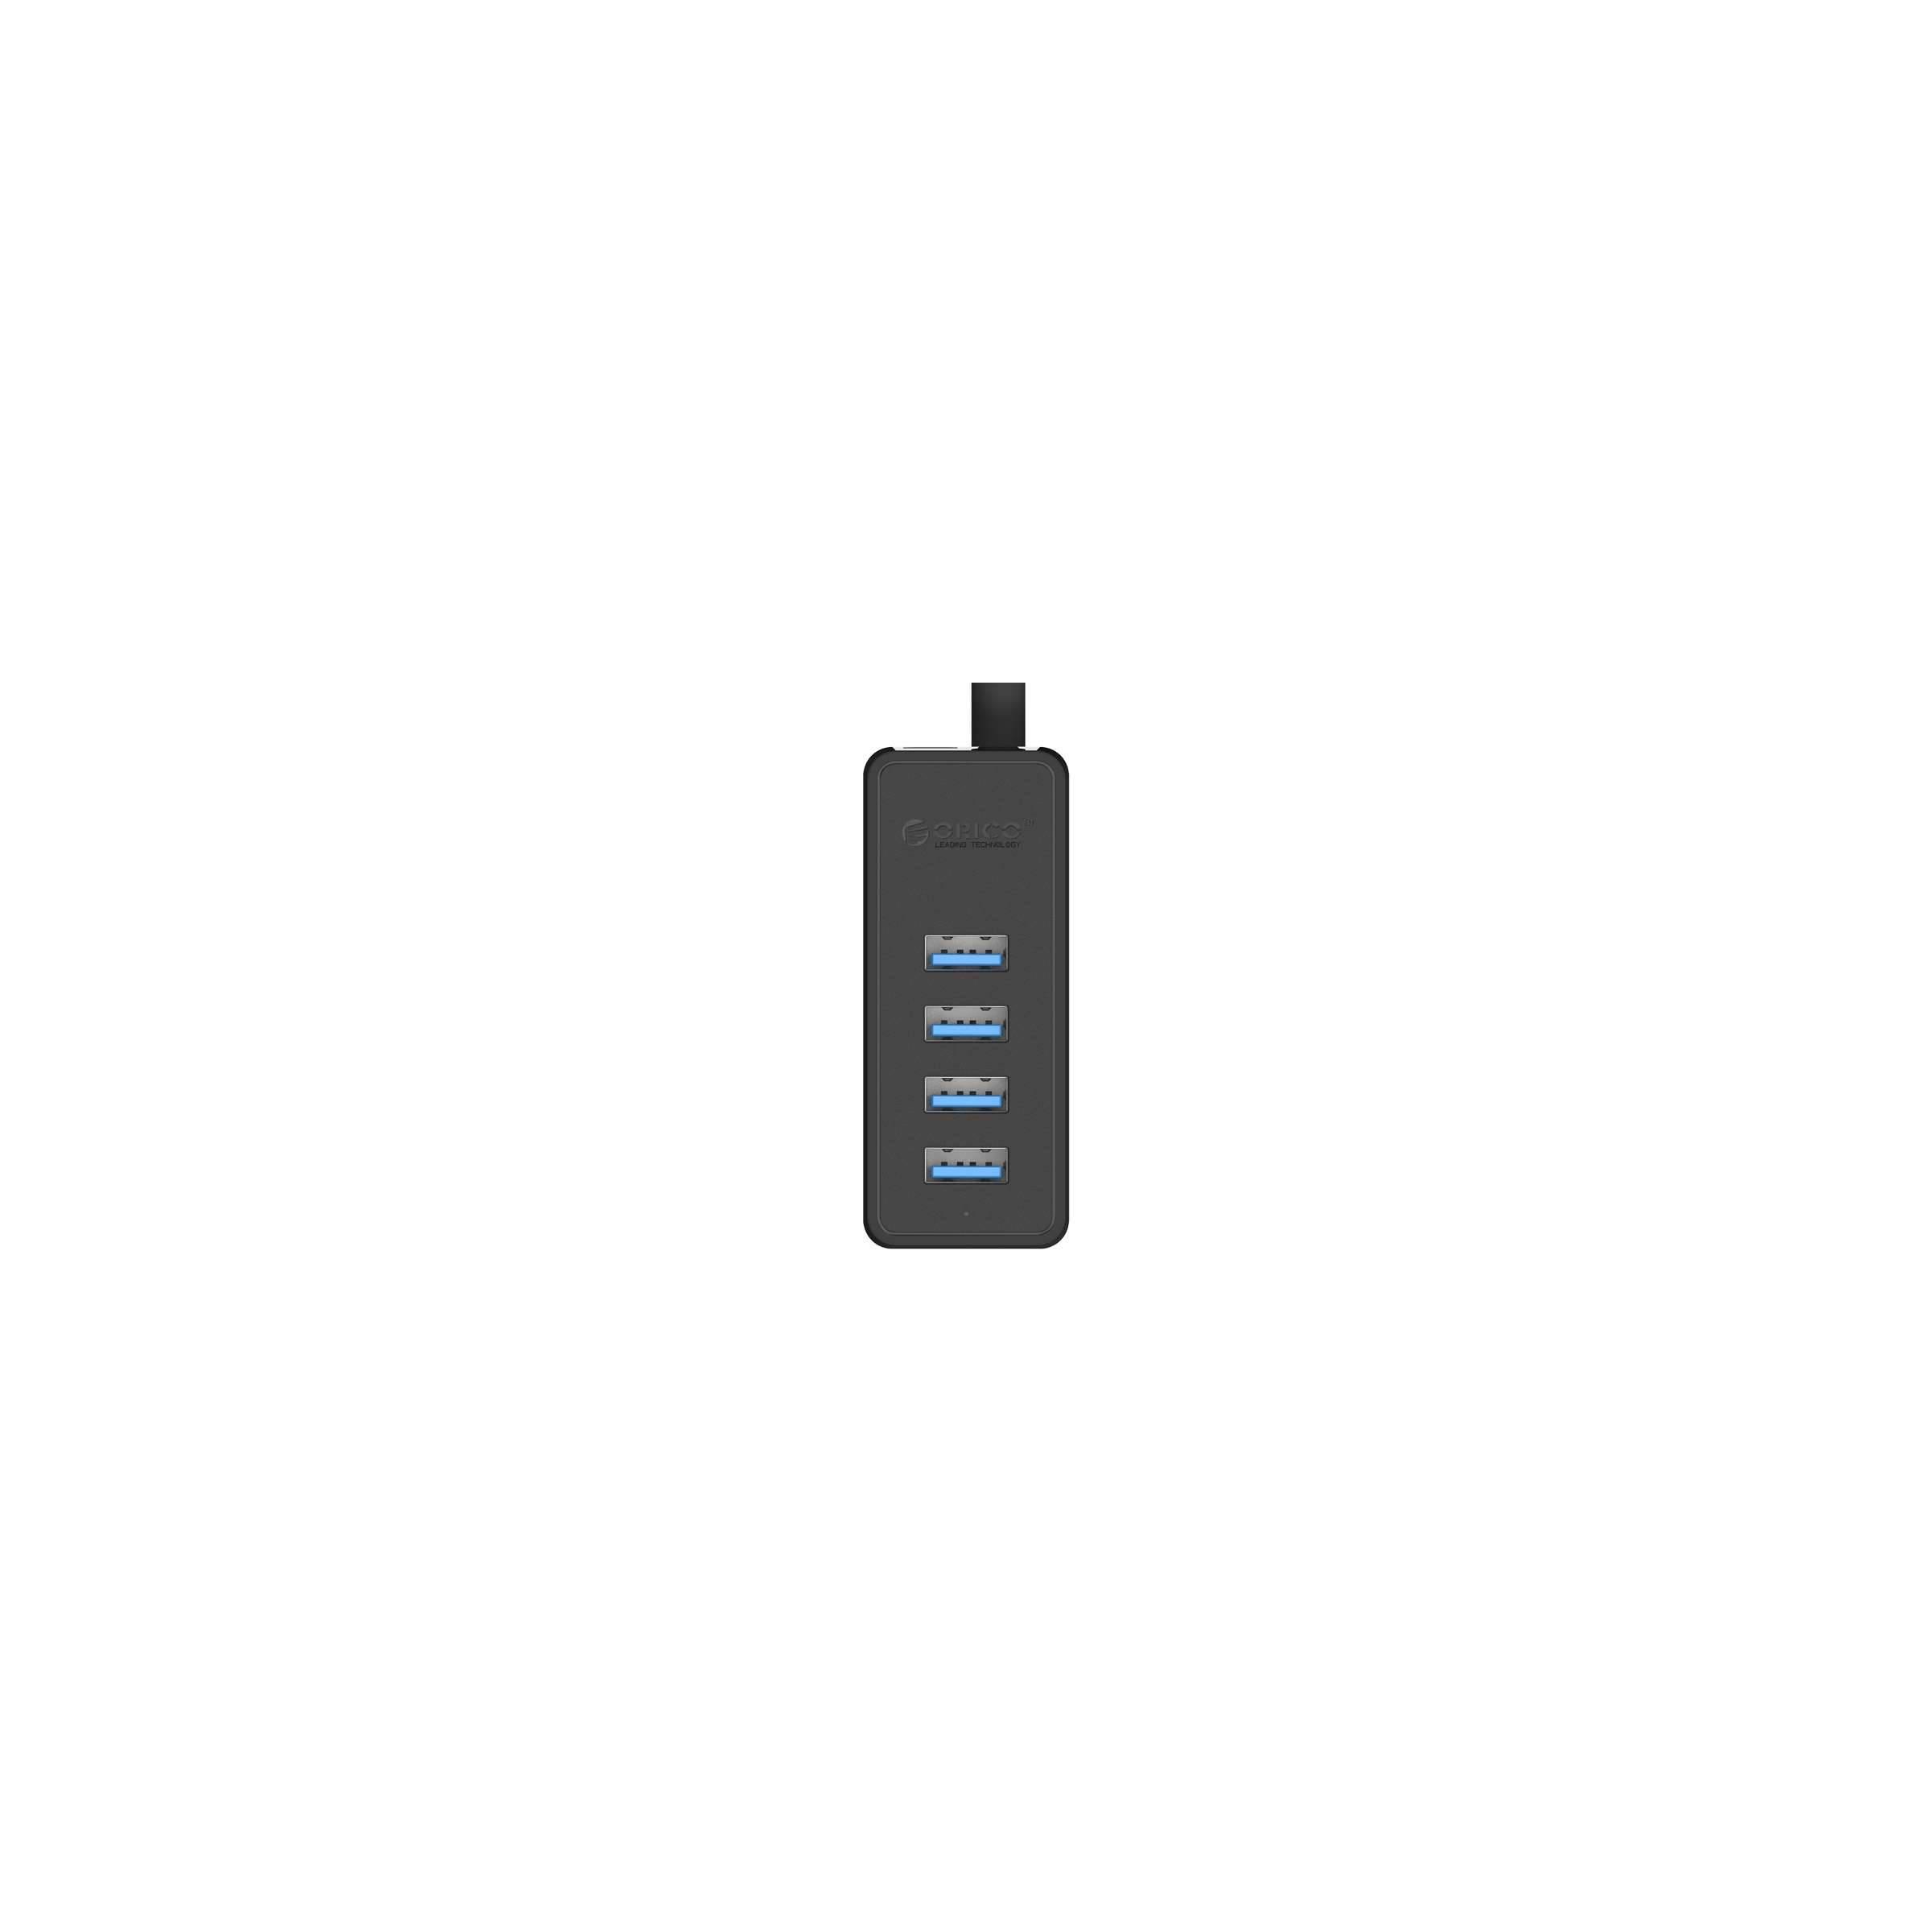 orico – Orico usb 3.0 hub på mackabler.dk